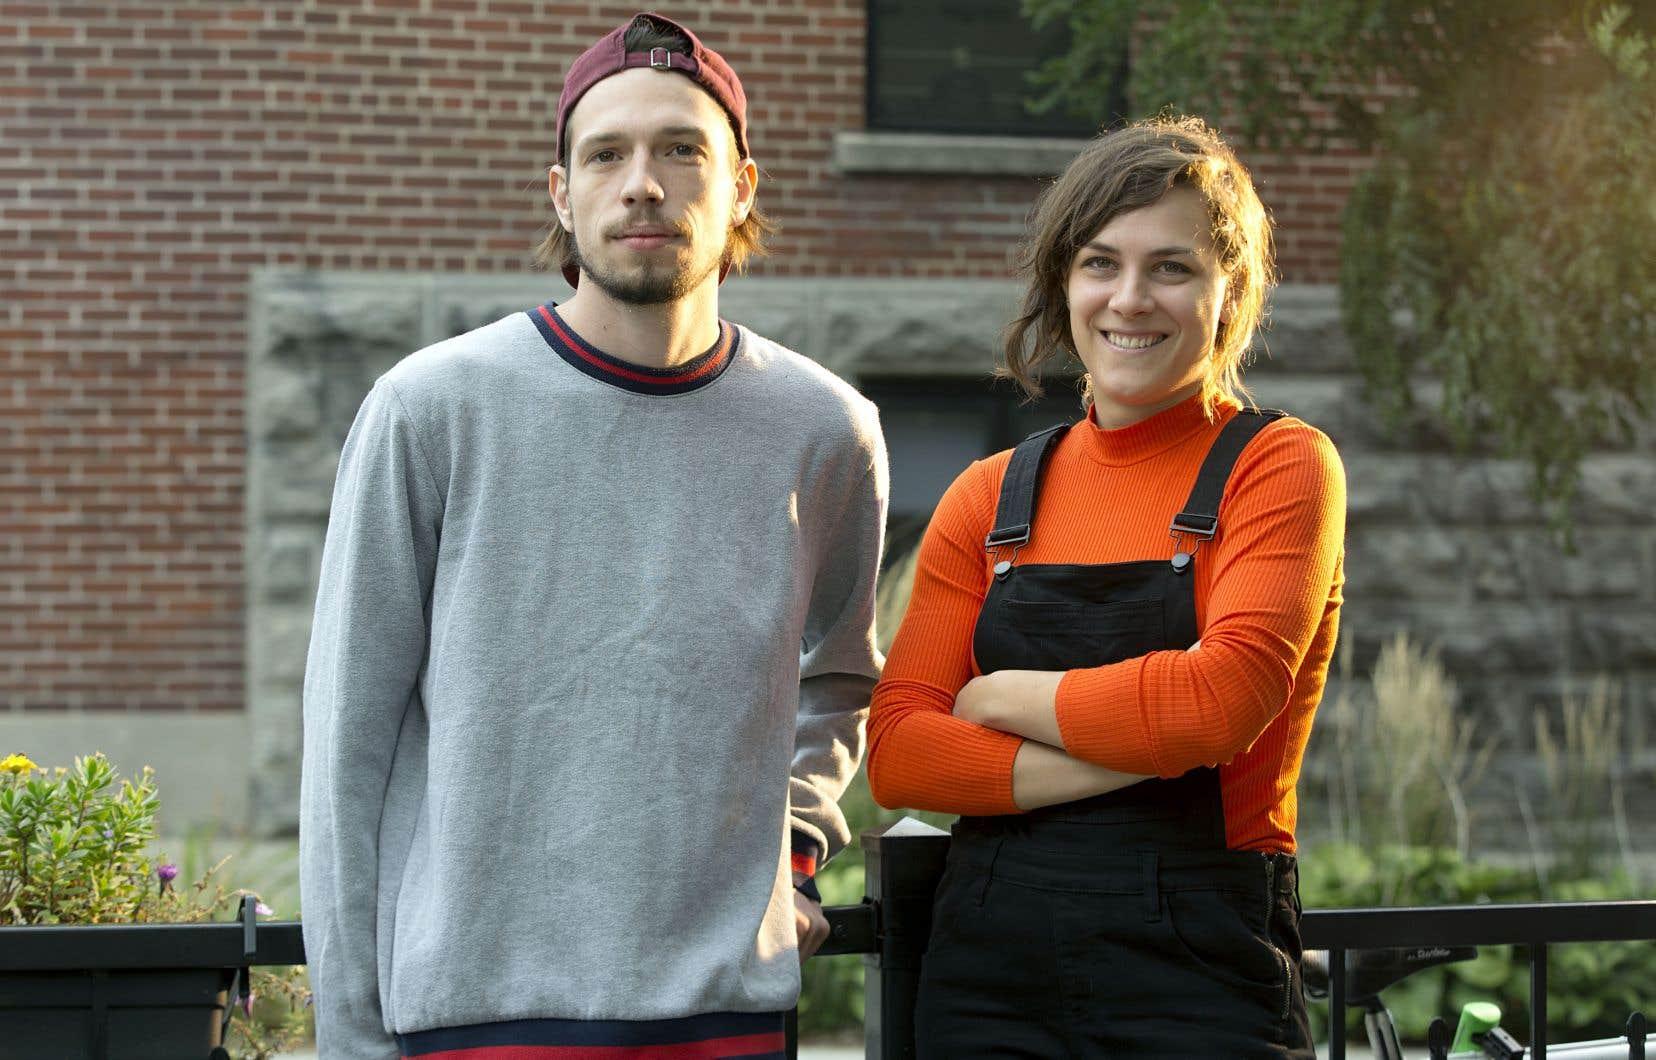 Le duo, dans sa nouvelle création, pose une question: comment disparaître sur scène?